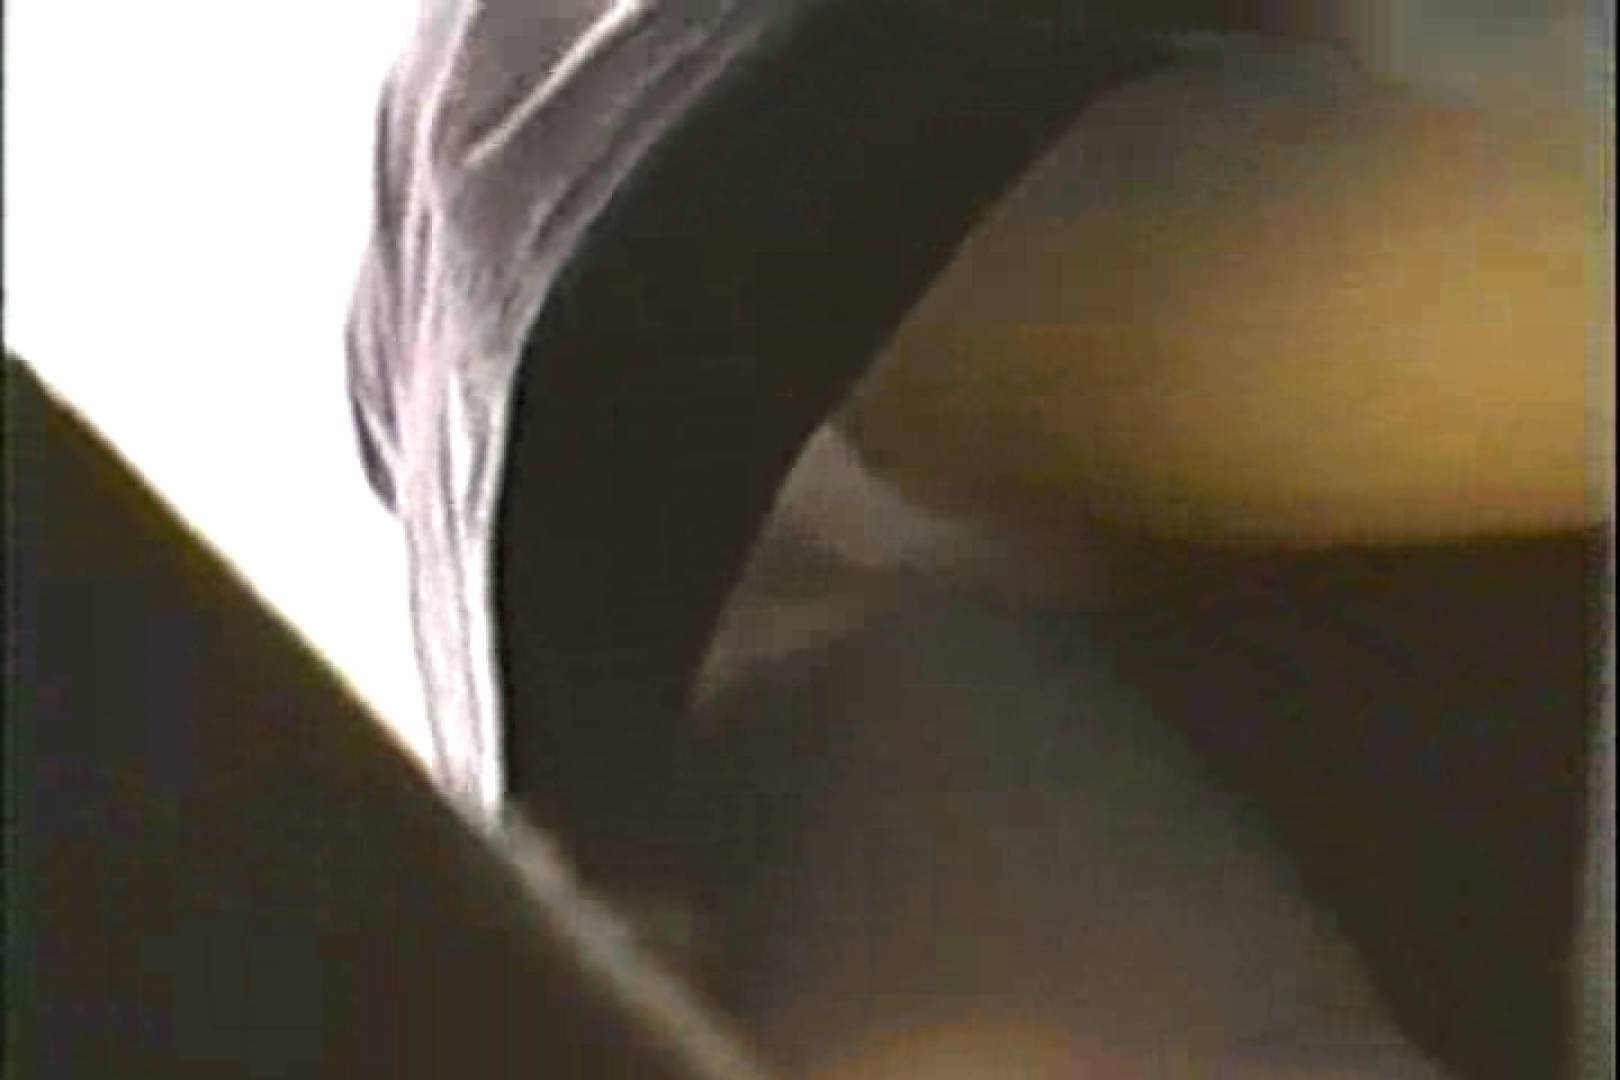 「ちくりん」さんのオリジナル未編集パンチラVol.3_01 パンチラ おめこ無修正画像 63PICs 26